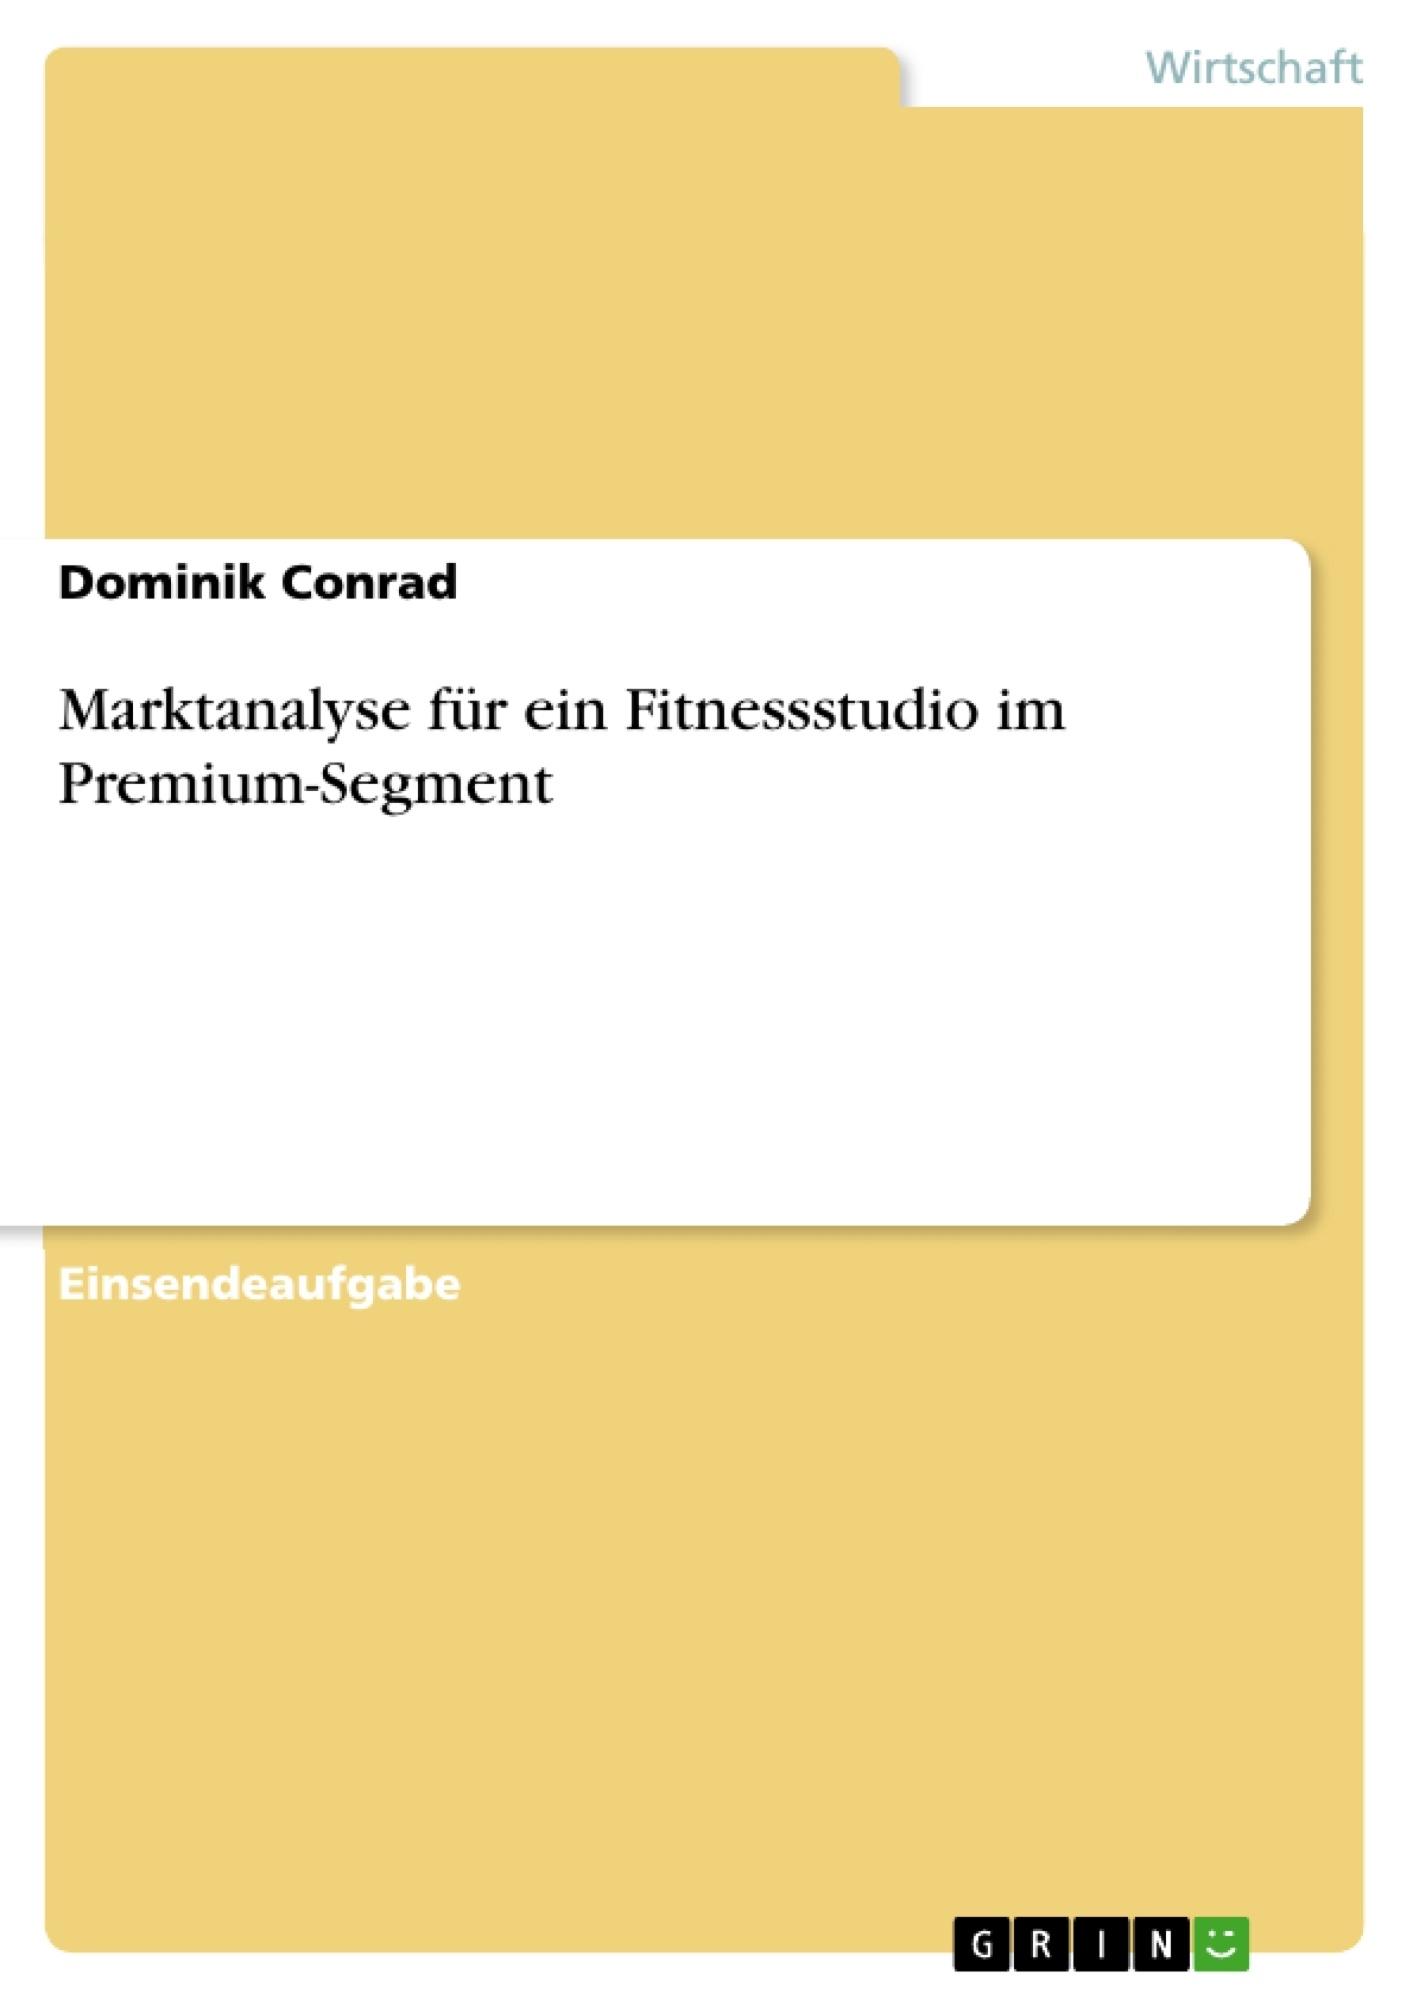 Titel: Marktanalyse für ein Fitnessstudio im Premium-Segment